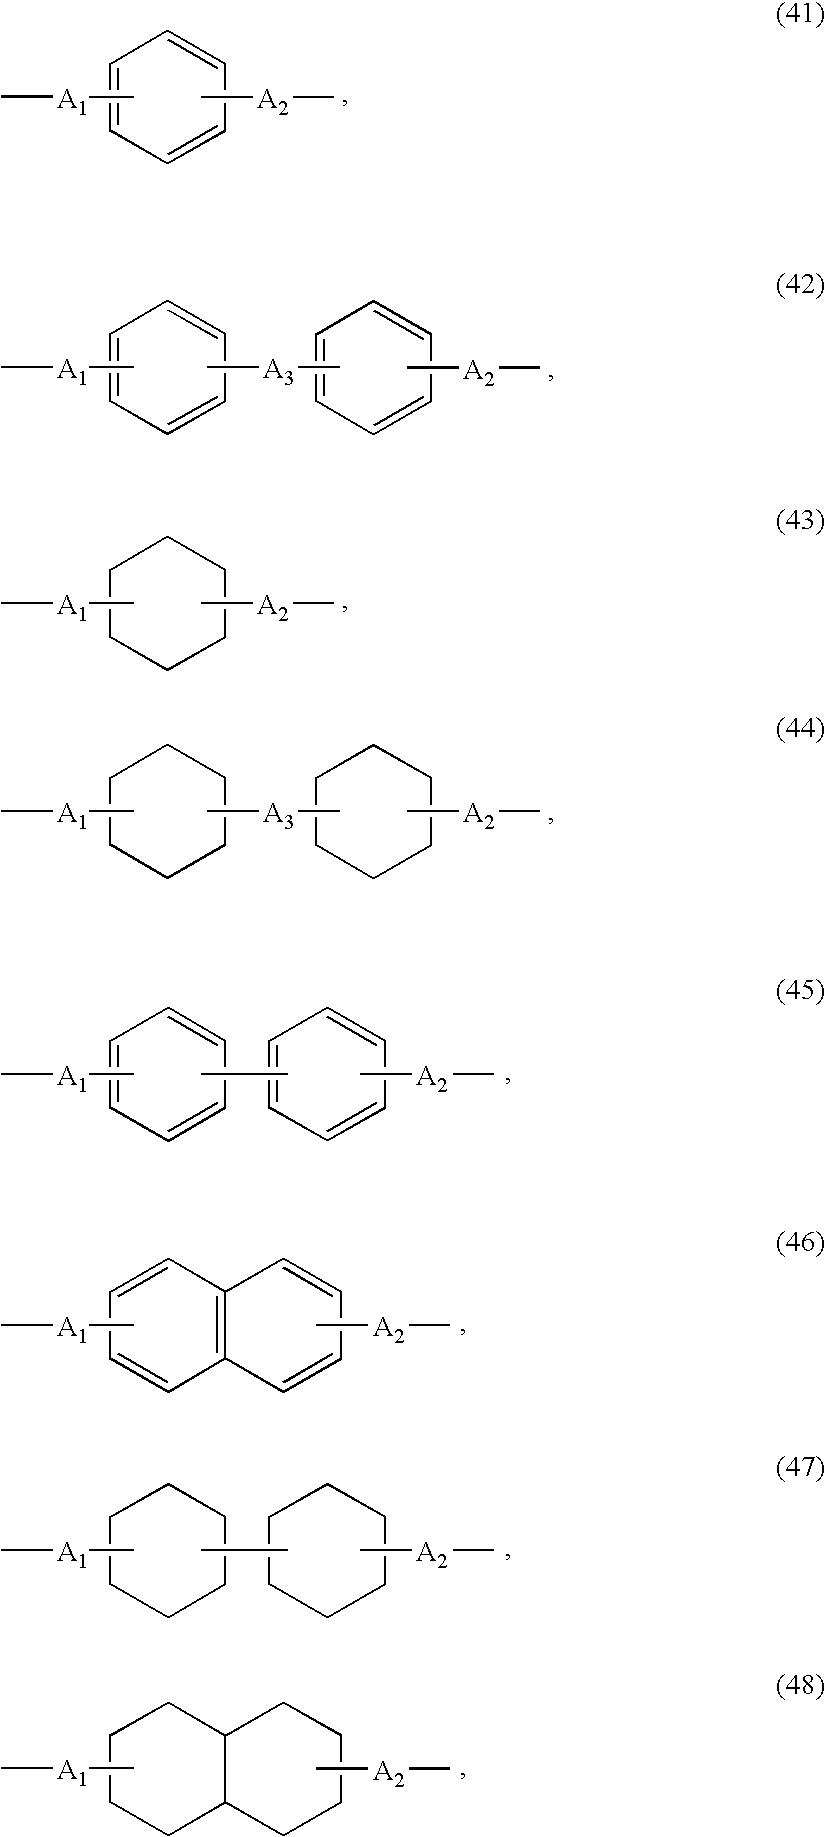 Figure US20050272900A1-20051208-C00038